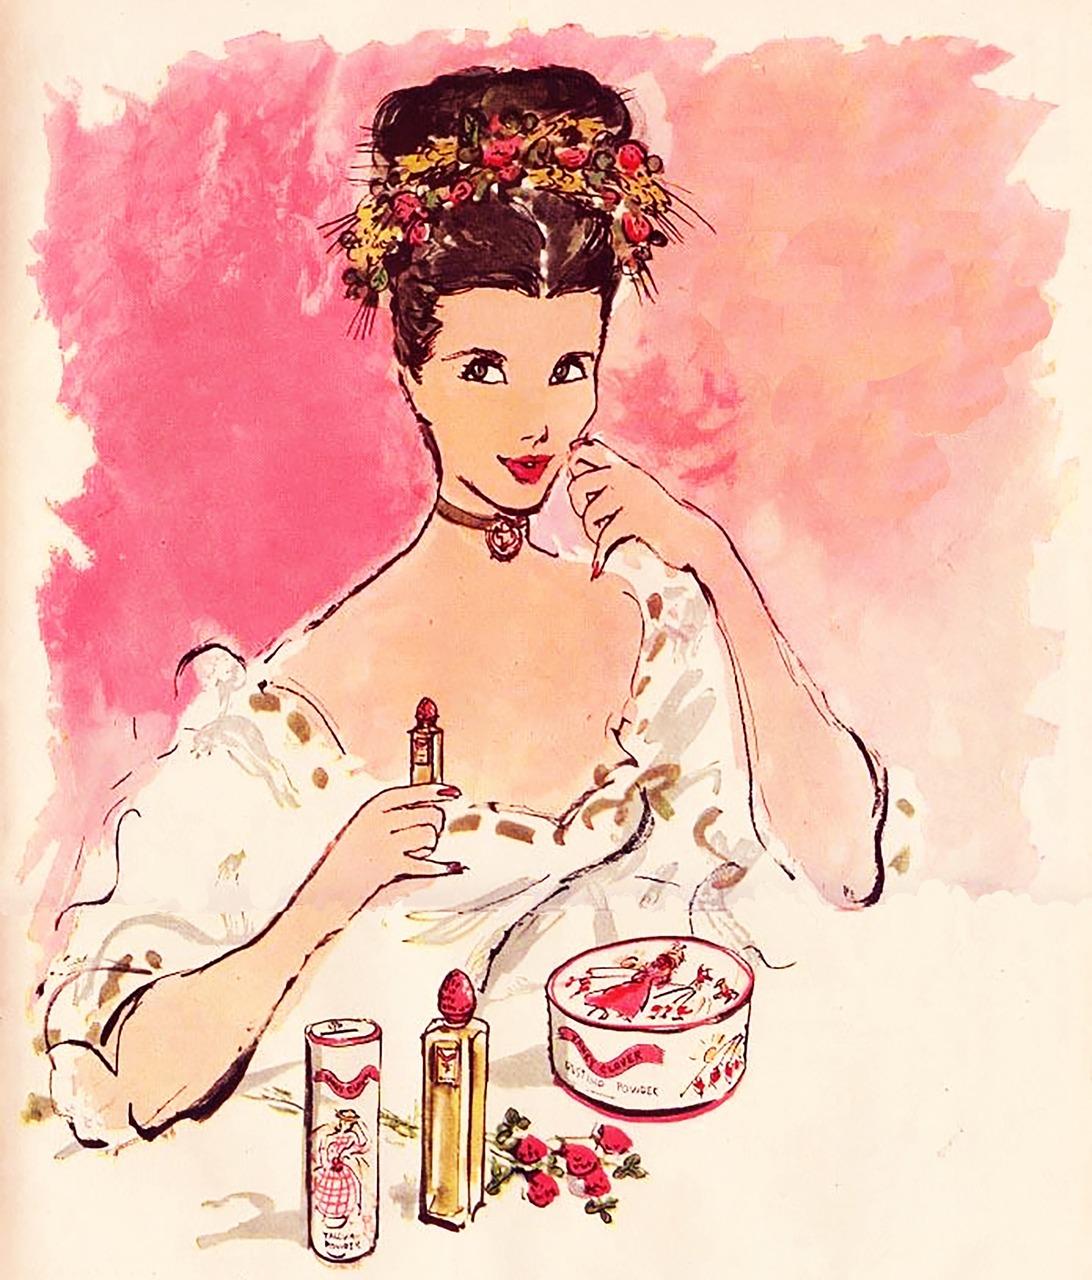 Kosmetyki do makijażu - ciekawostki i historia ich powstawania